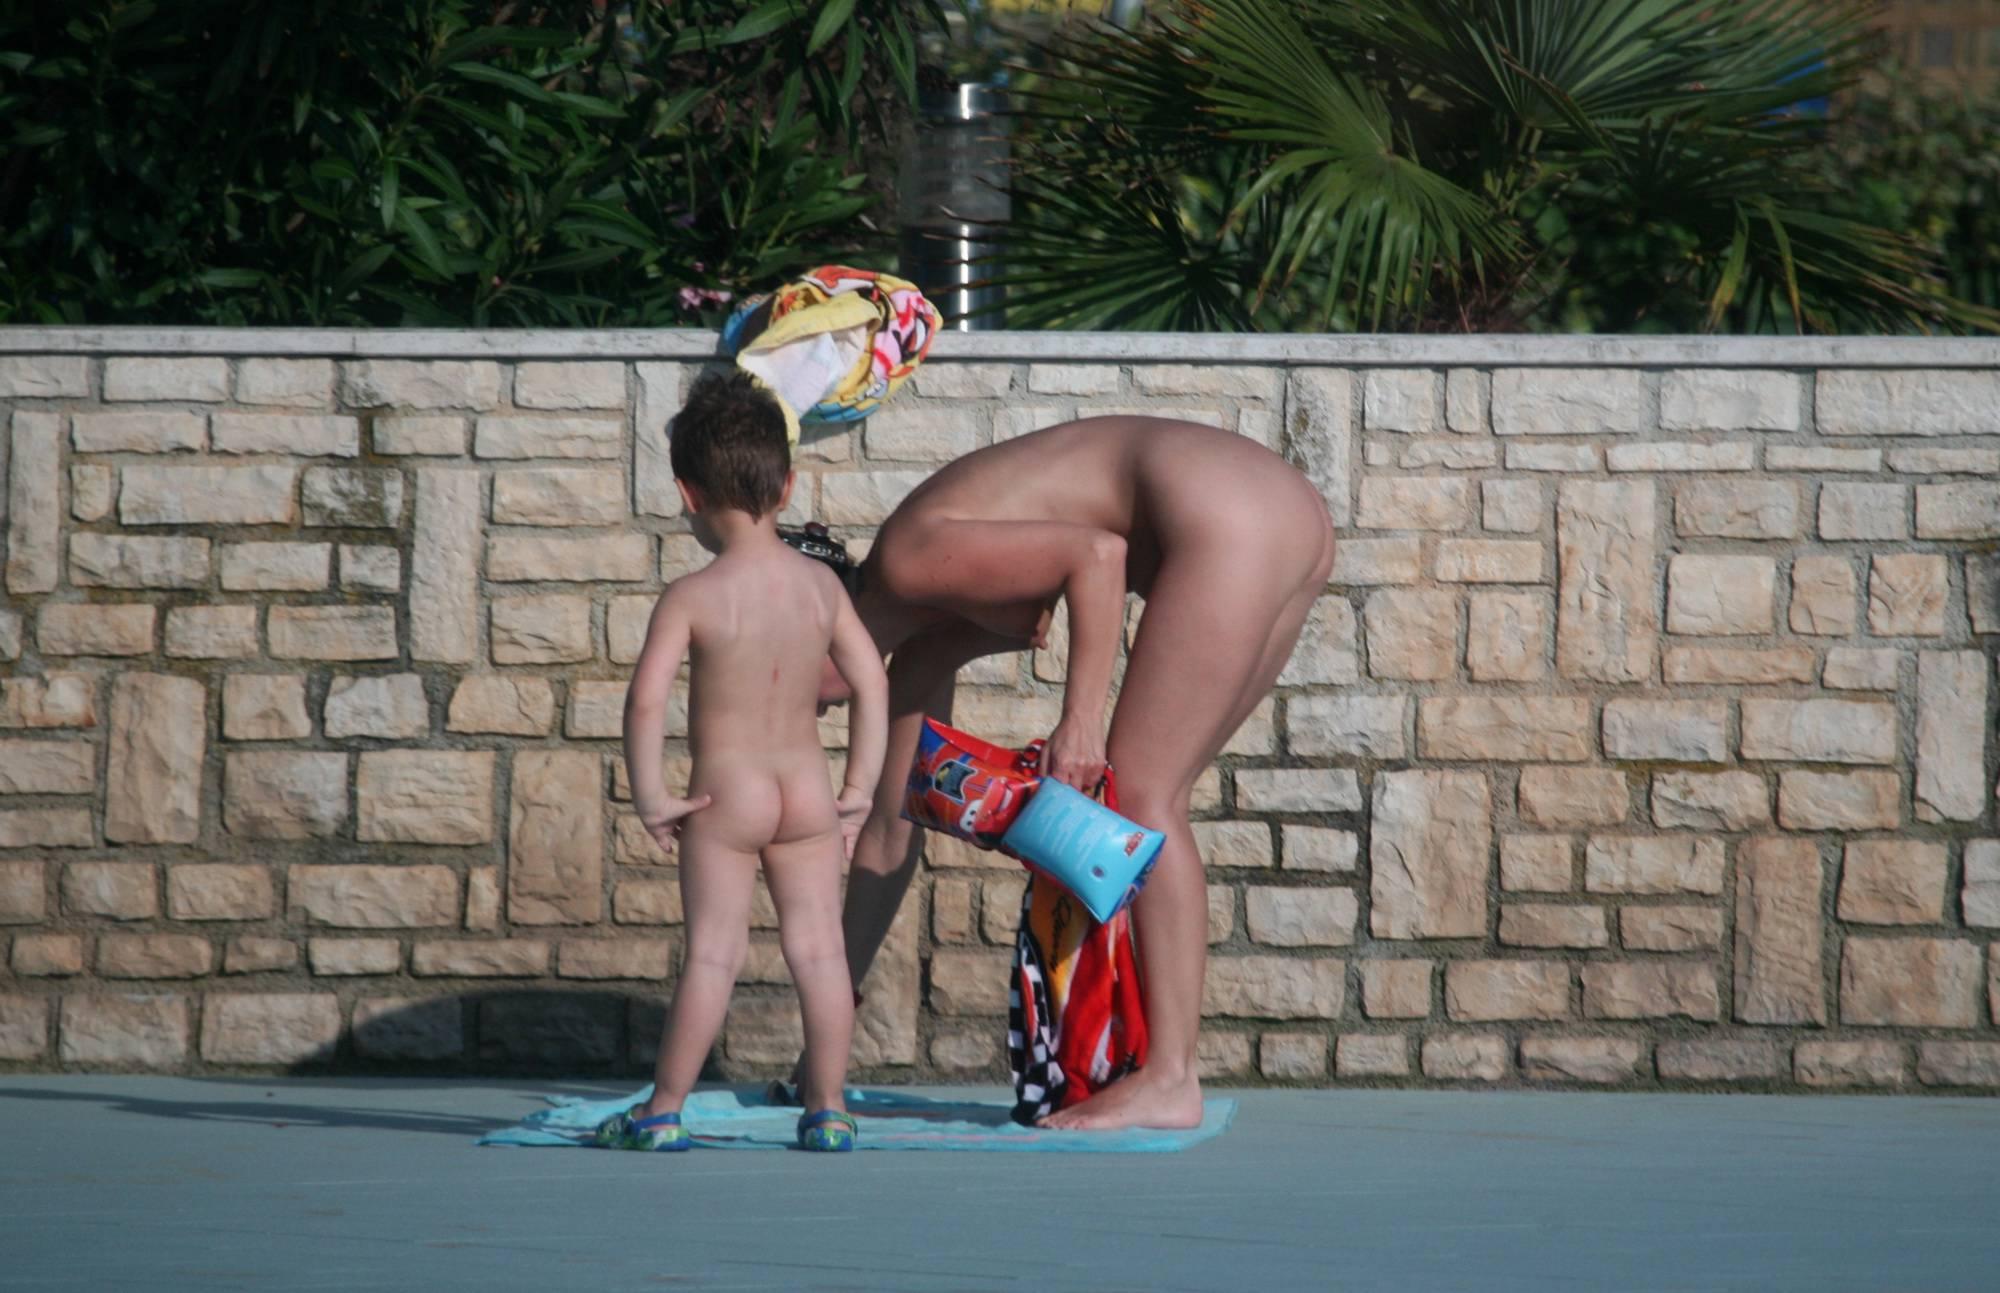 Nudist Pictures Naturist Poolside Watcher - 1